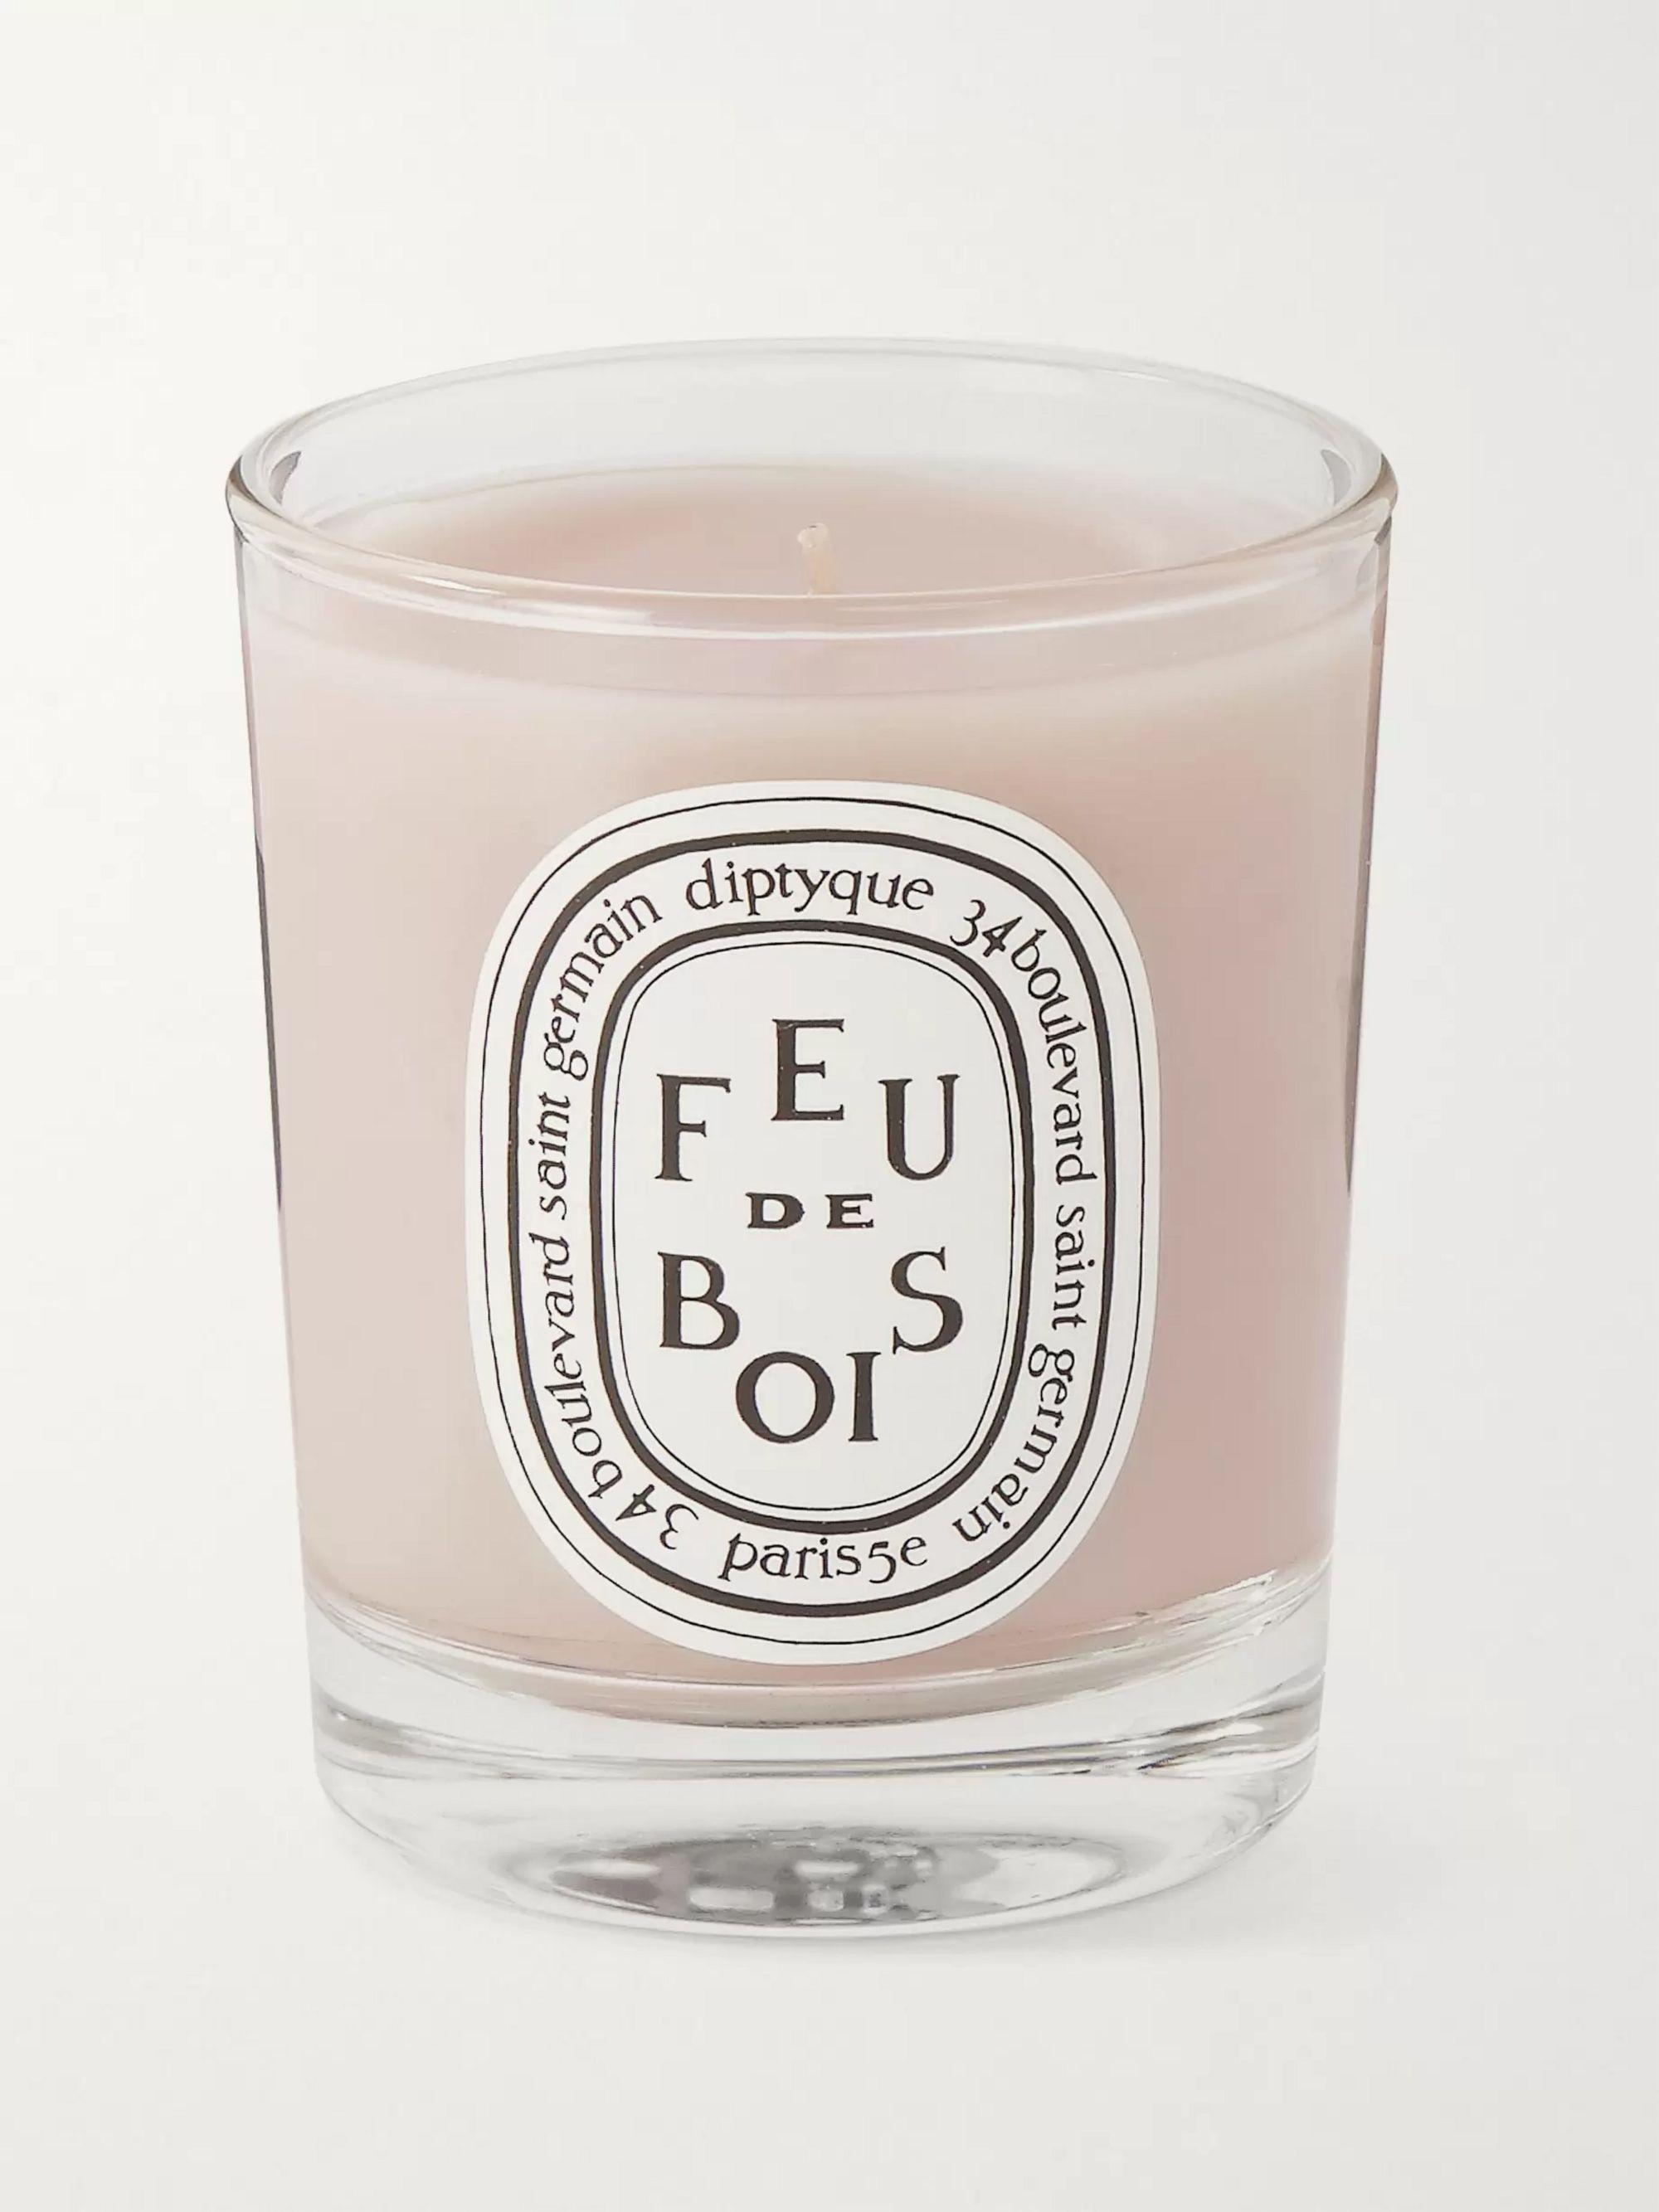 딥티크 퍼드부아 향초 70g Diptyque Feu De Bois Scented Candle 70g